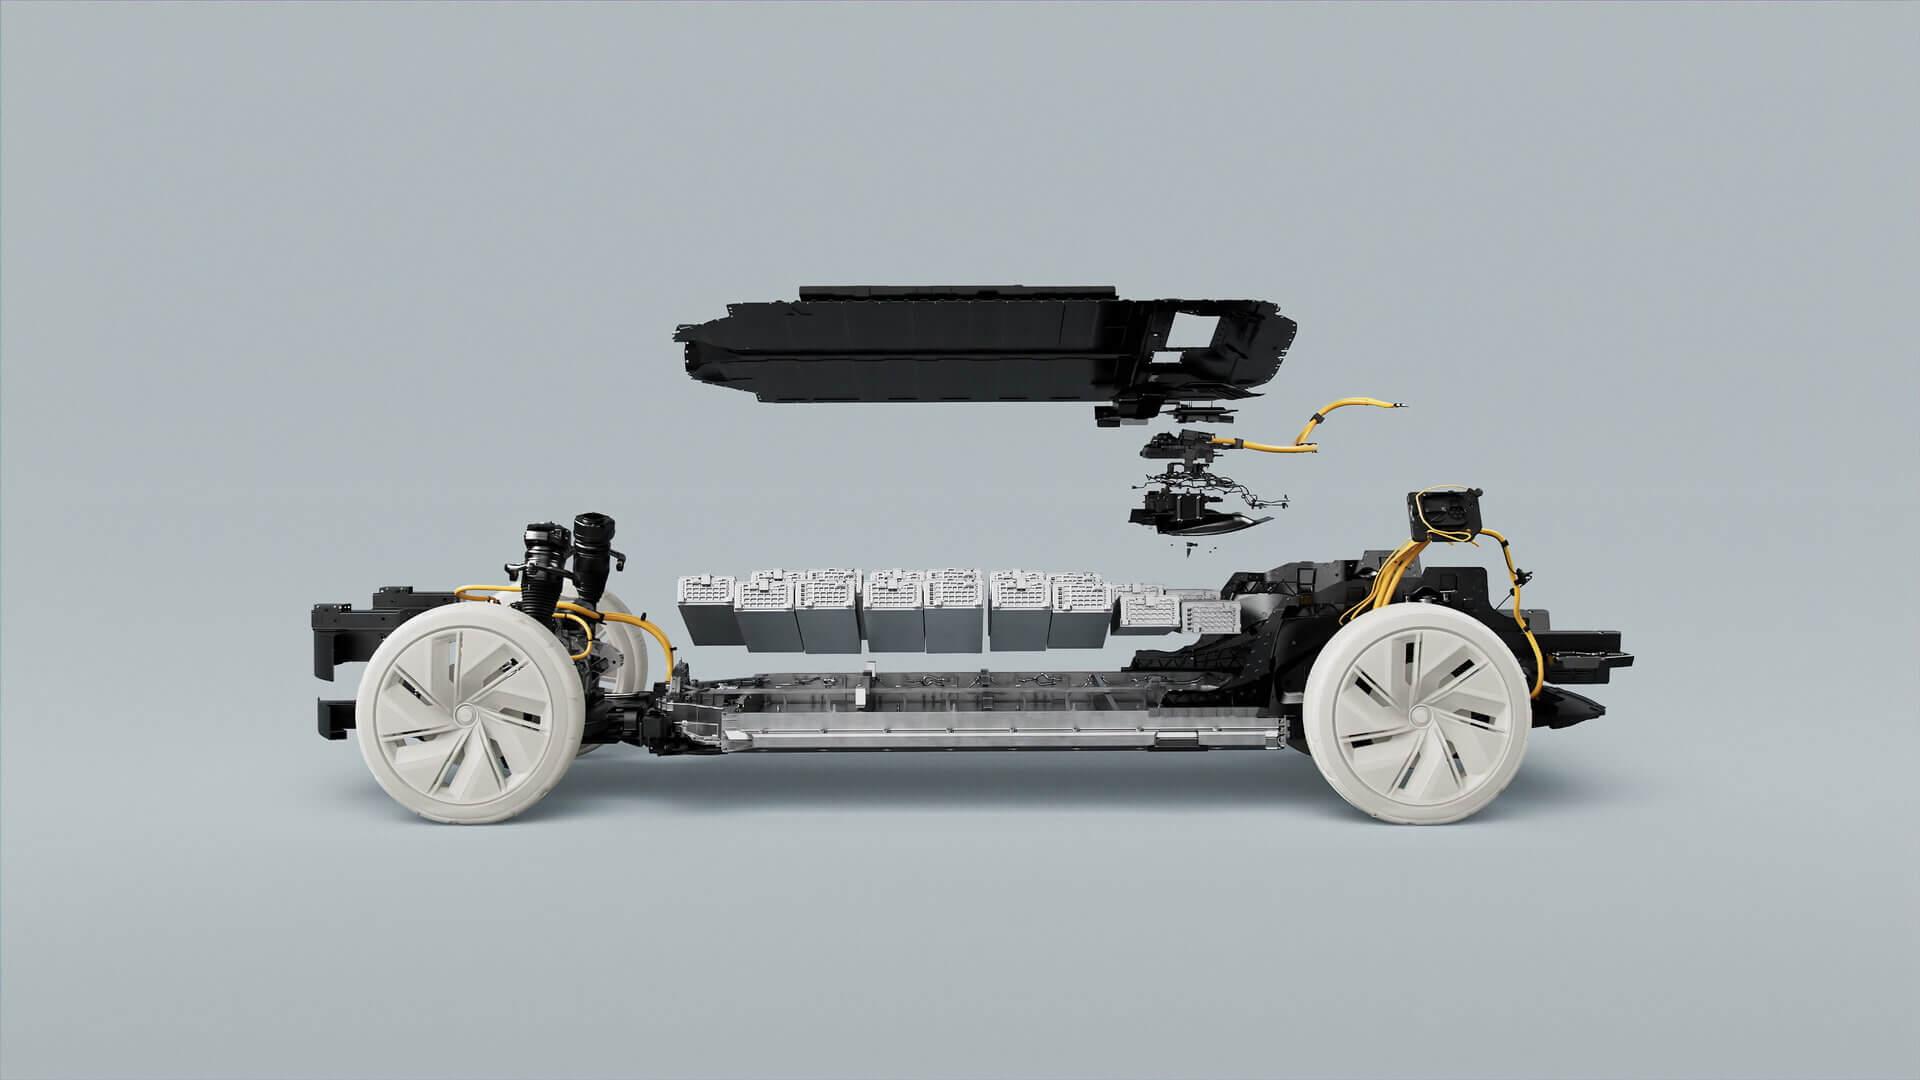 В этом же десятилетии Volvo Cars ориентируется на преодоление отметки плотности энергии в 1000 Вт·ч/л, чтобы достичь 1000 км реального запаса хода на электротяге